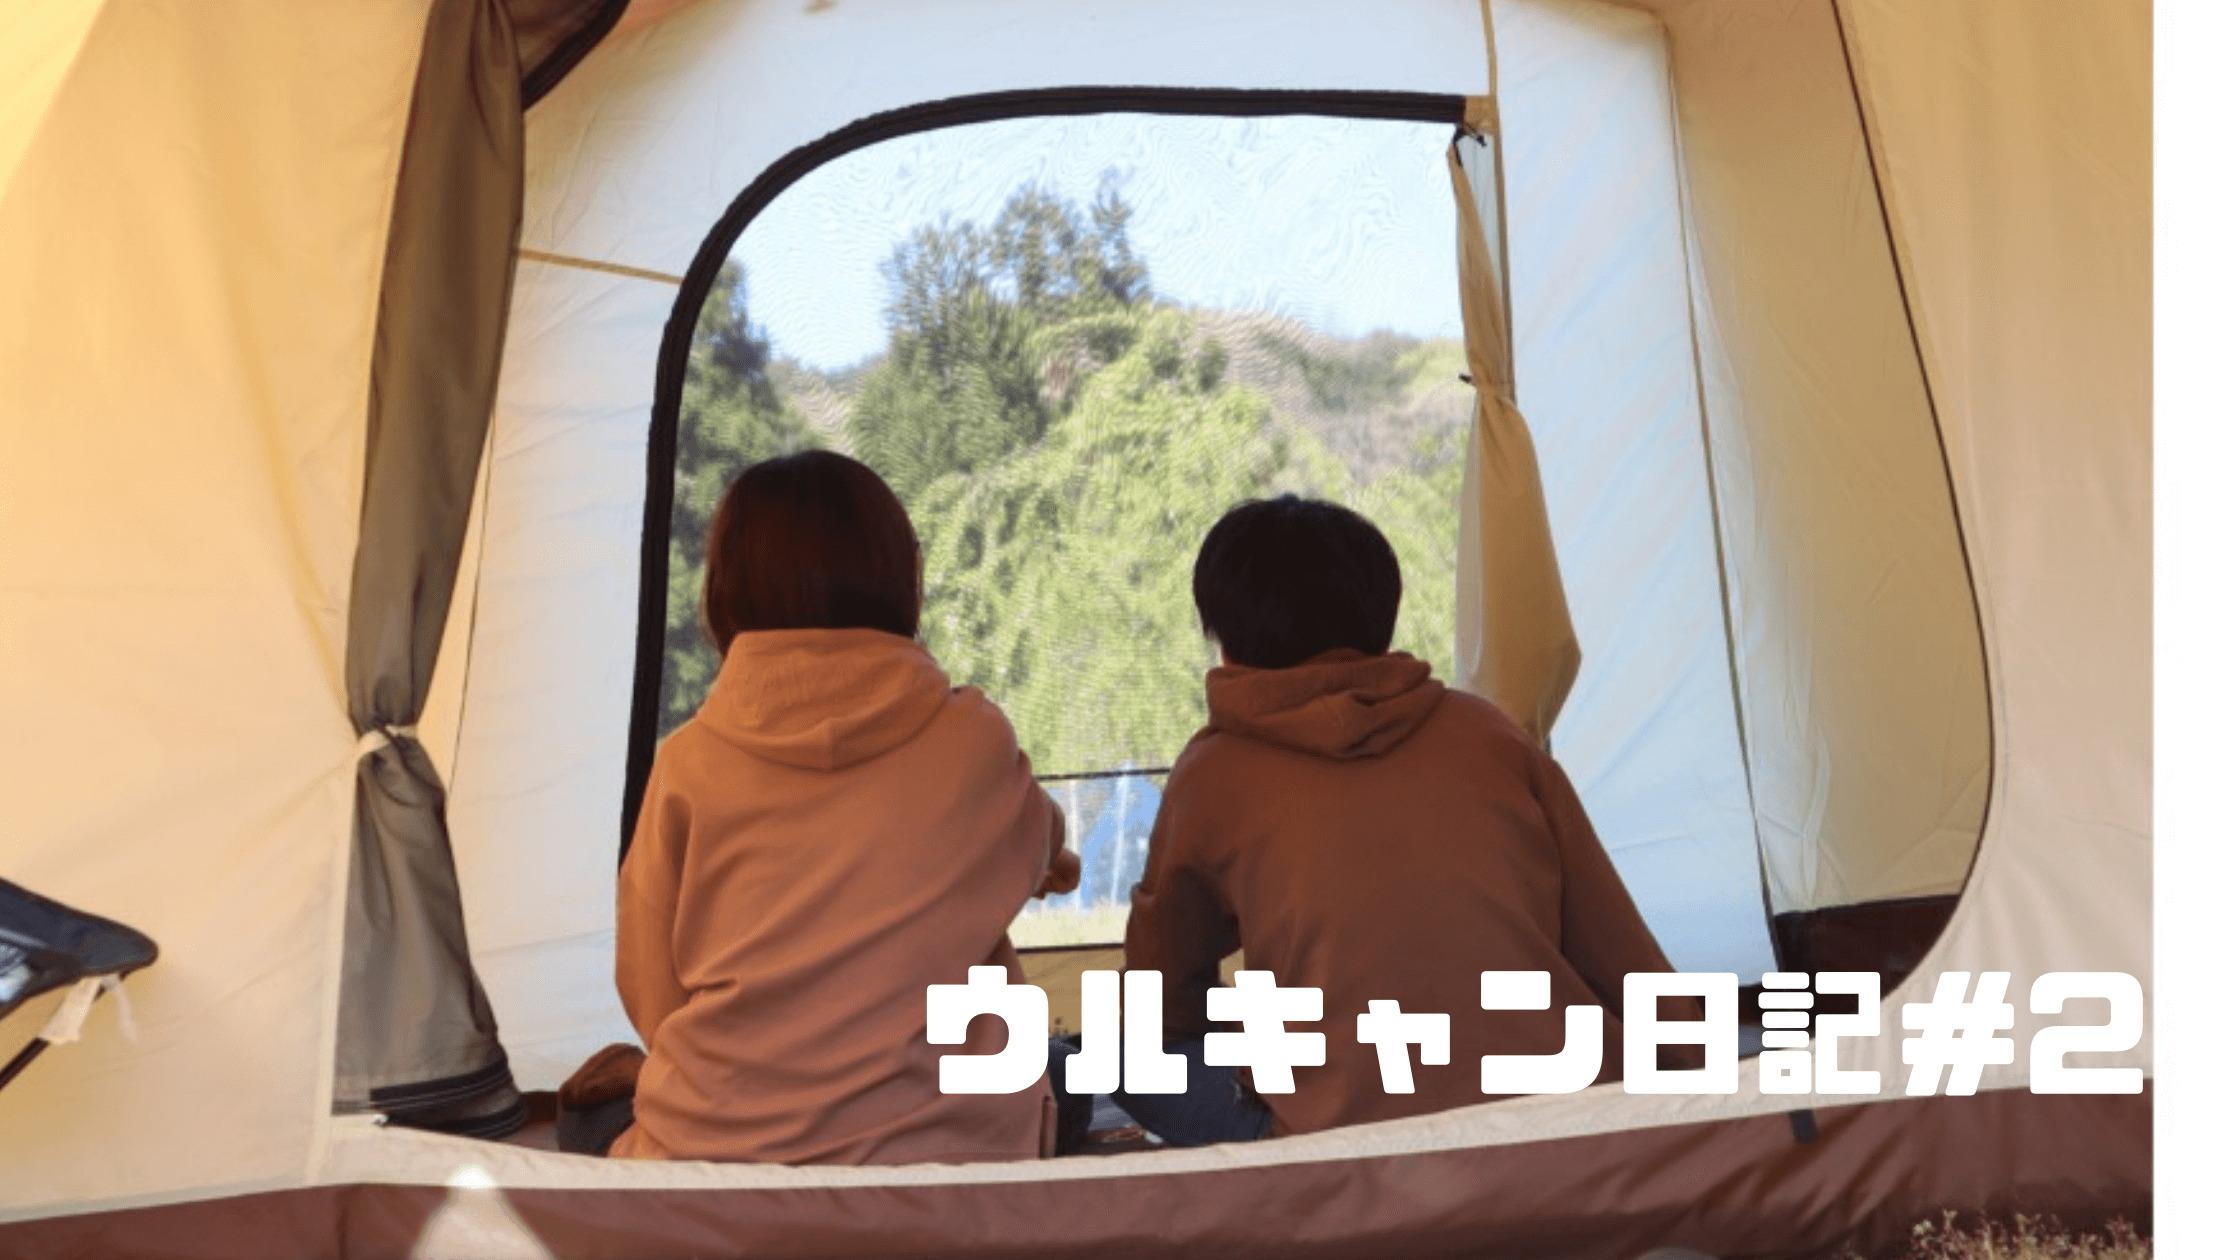 ウルキャン日記#2:初キャンプしたよ「エルフィールド設営とキャンプ飯」